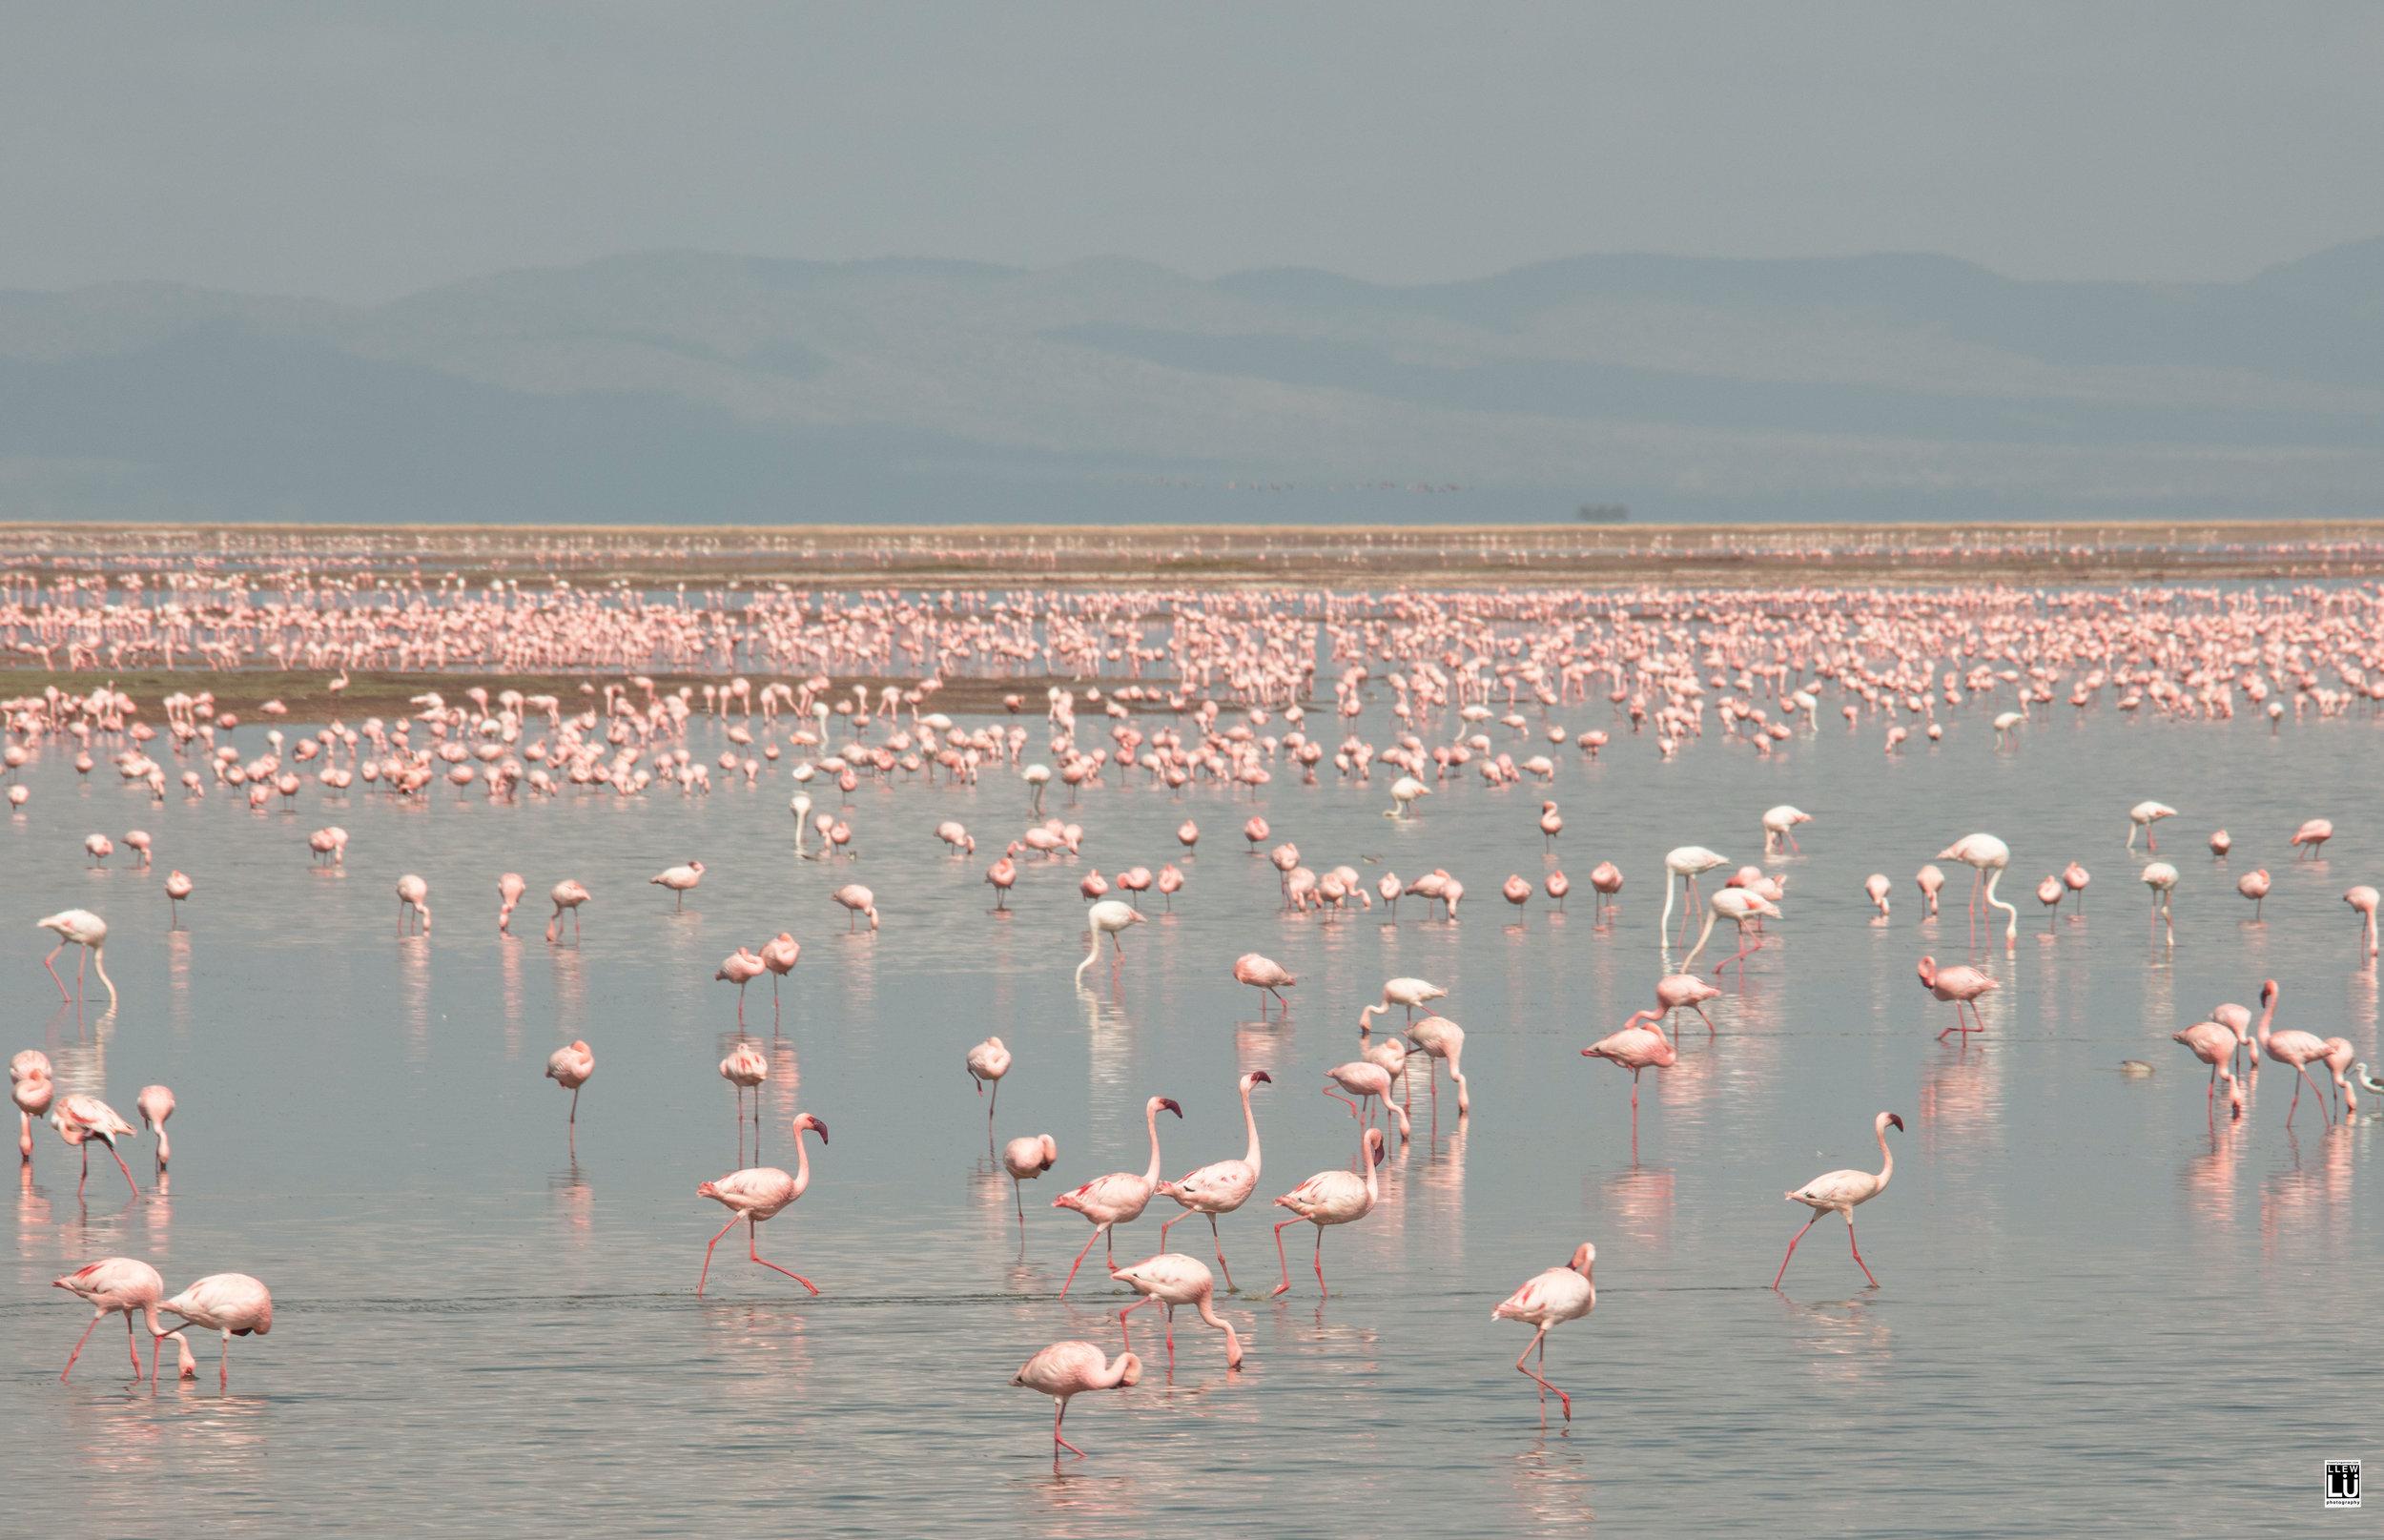 Pink flamingos at the Amboseli National Park.